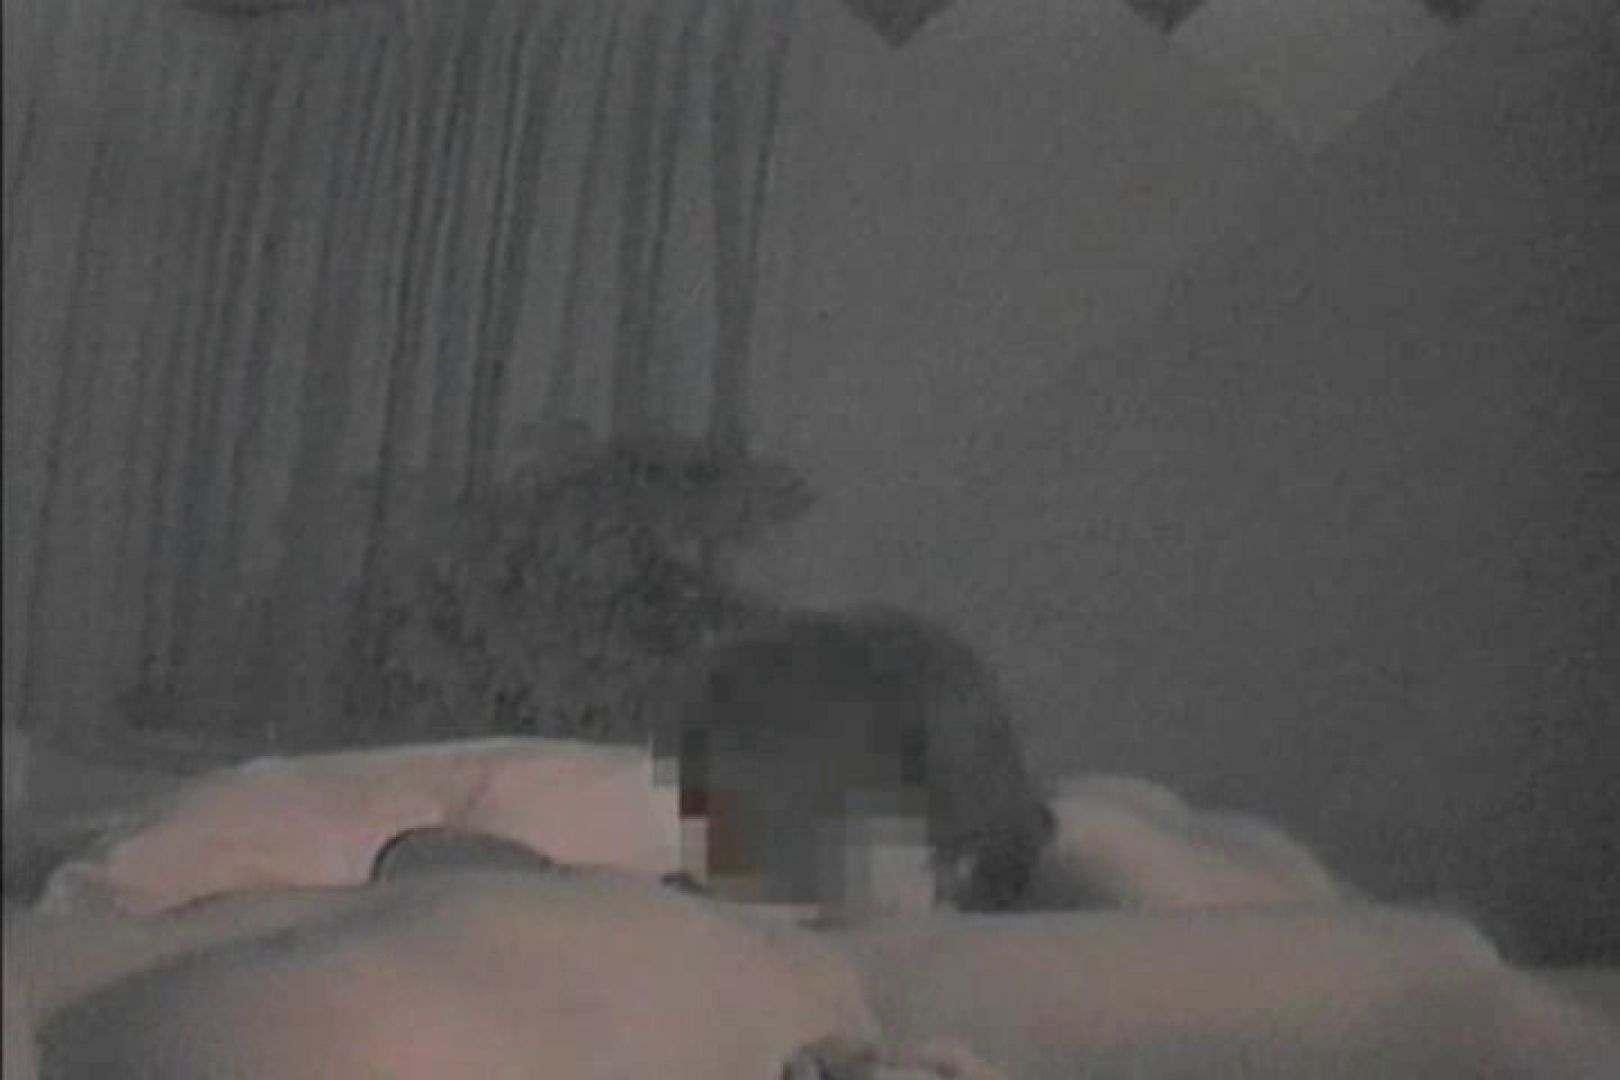 素人嬢をホテルに連れ込みアンナ事・コンナ事!?Vol.3 美女OL アダルト動画キャプチャ 94連発 78